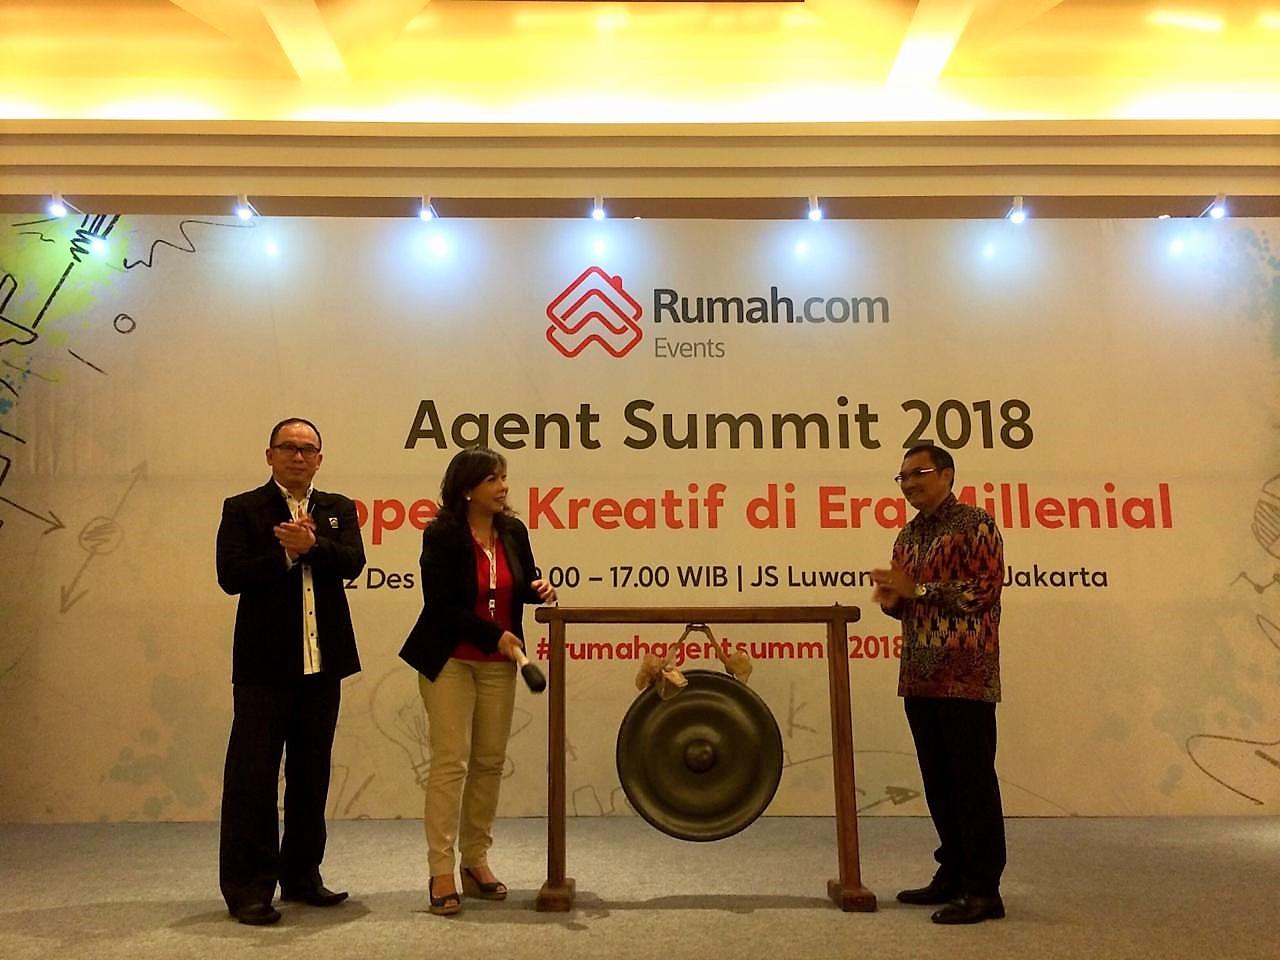 rumah.com agent summit 2018